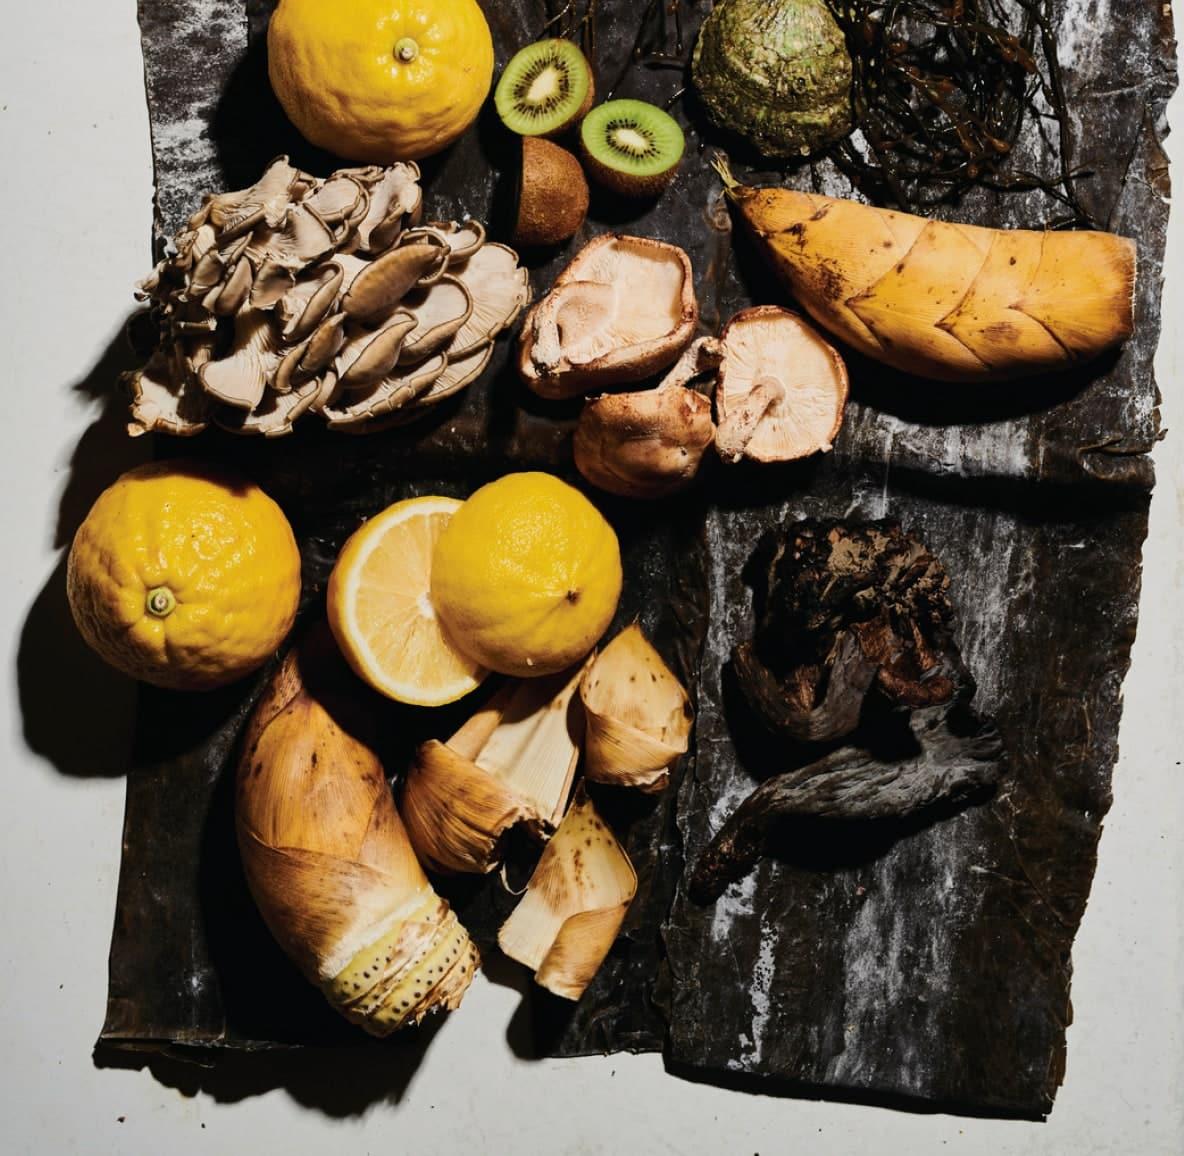 Vários alimentos forrageiros, incluindo kiwi, limão e cogumelo